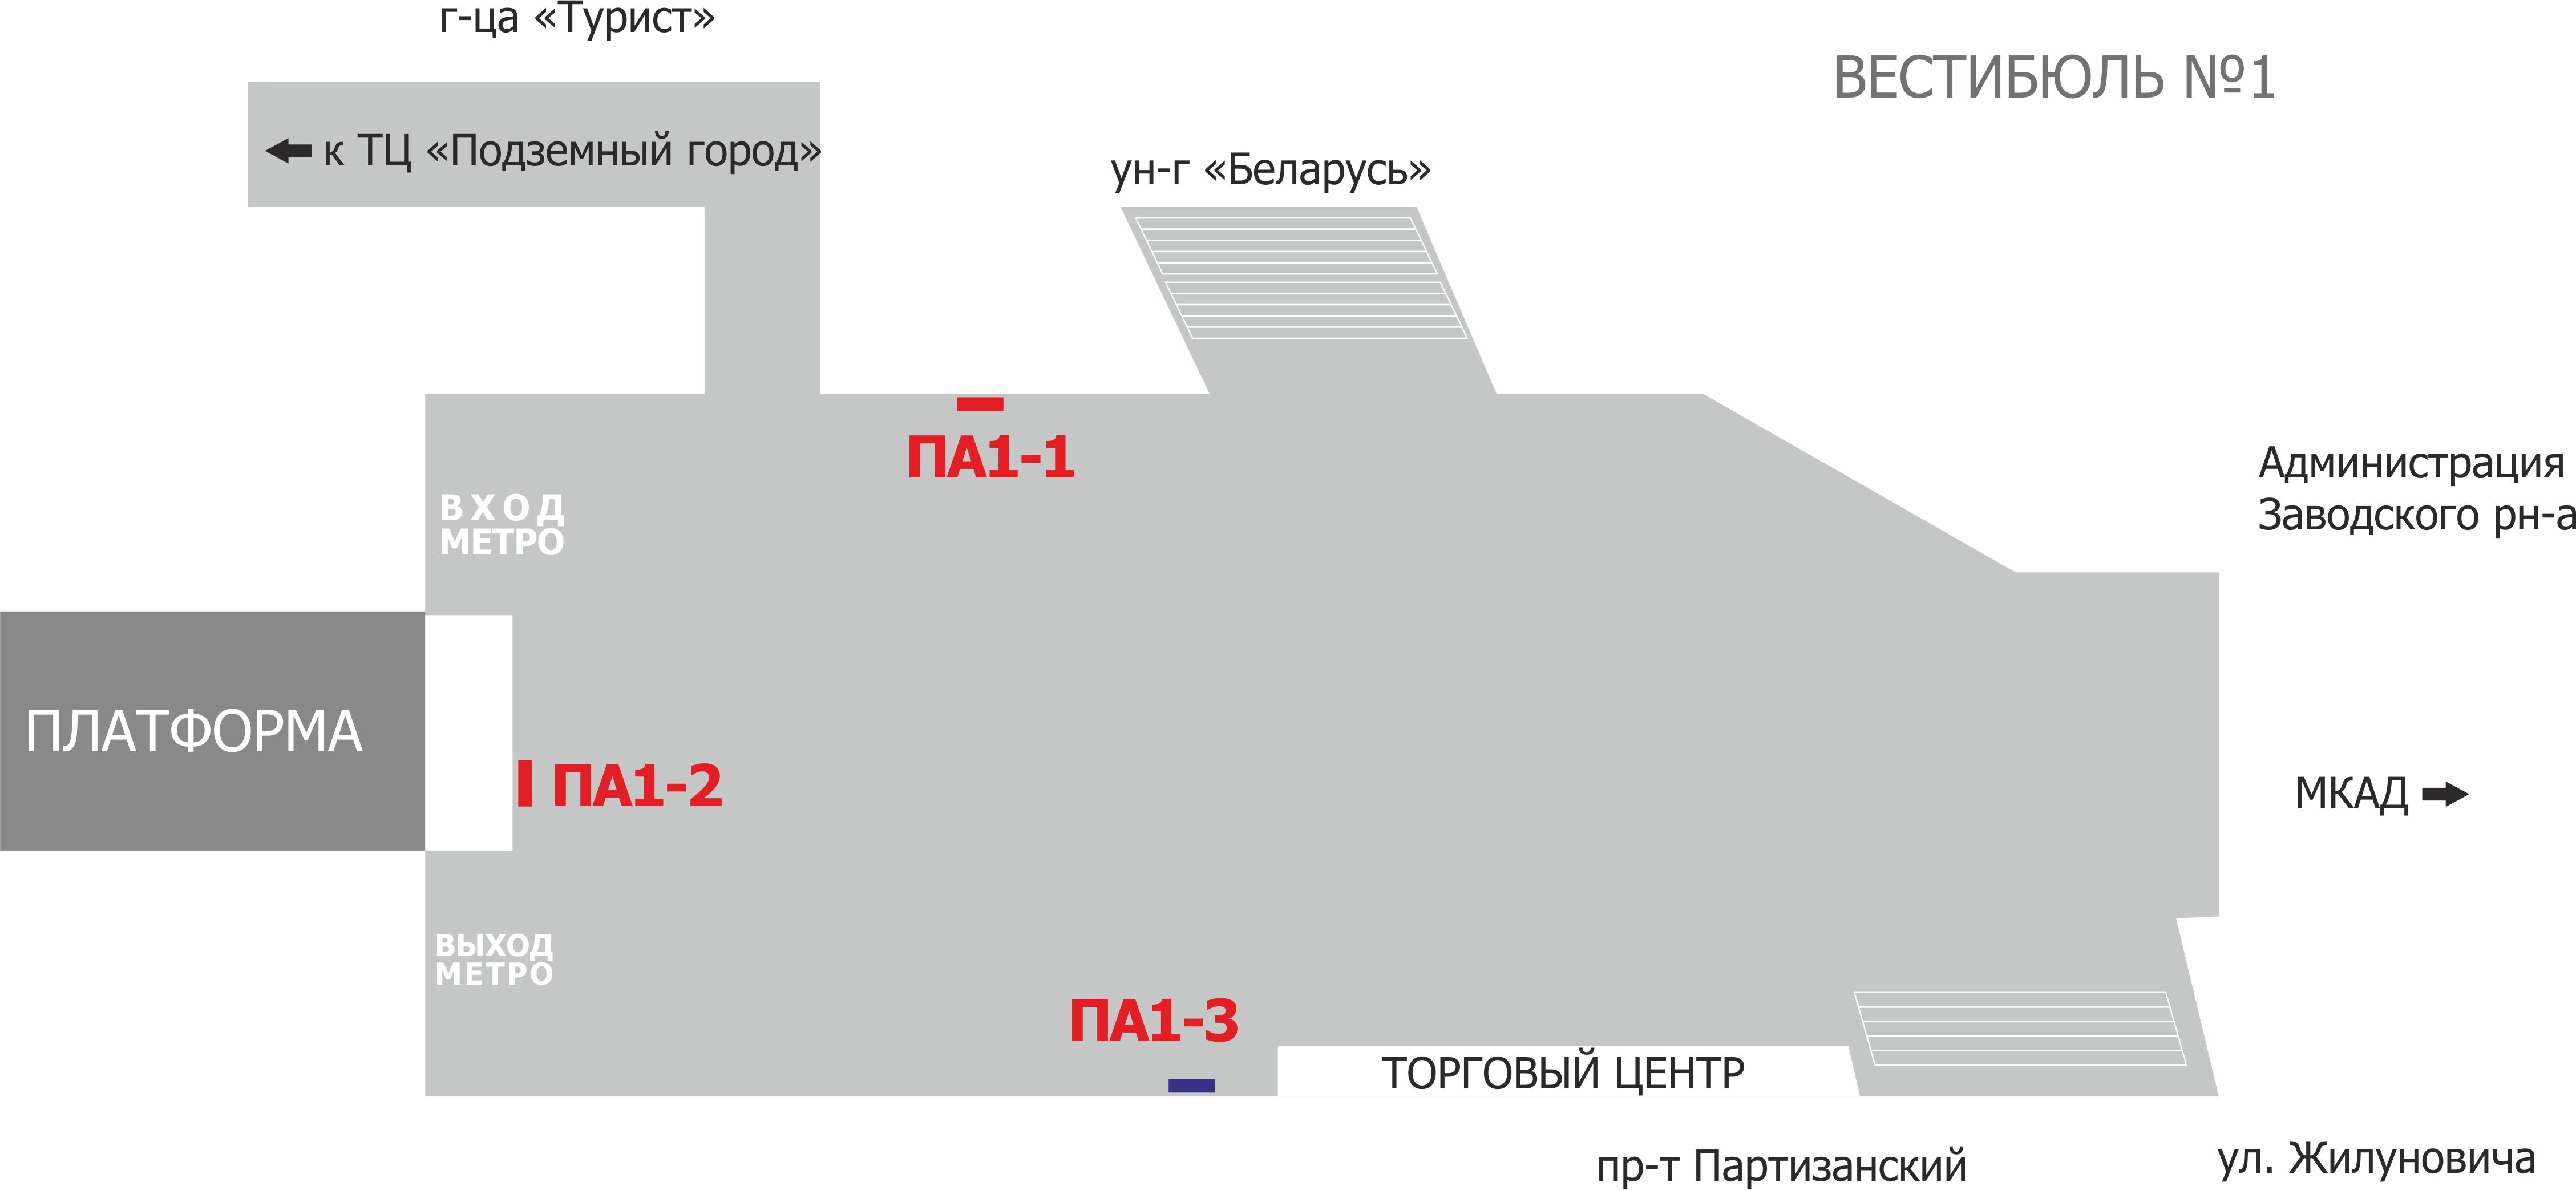 Схема расположения рекламных мест в переходе ст.м. Партизанская reklama-on.by